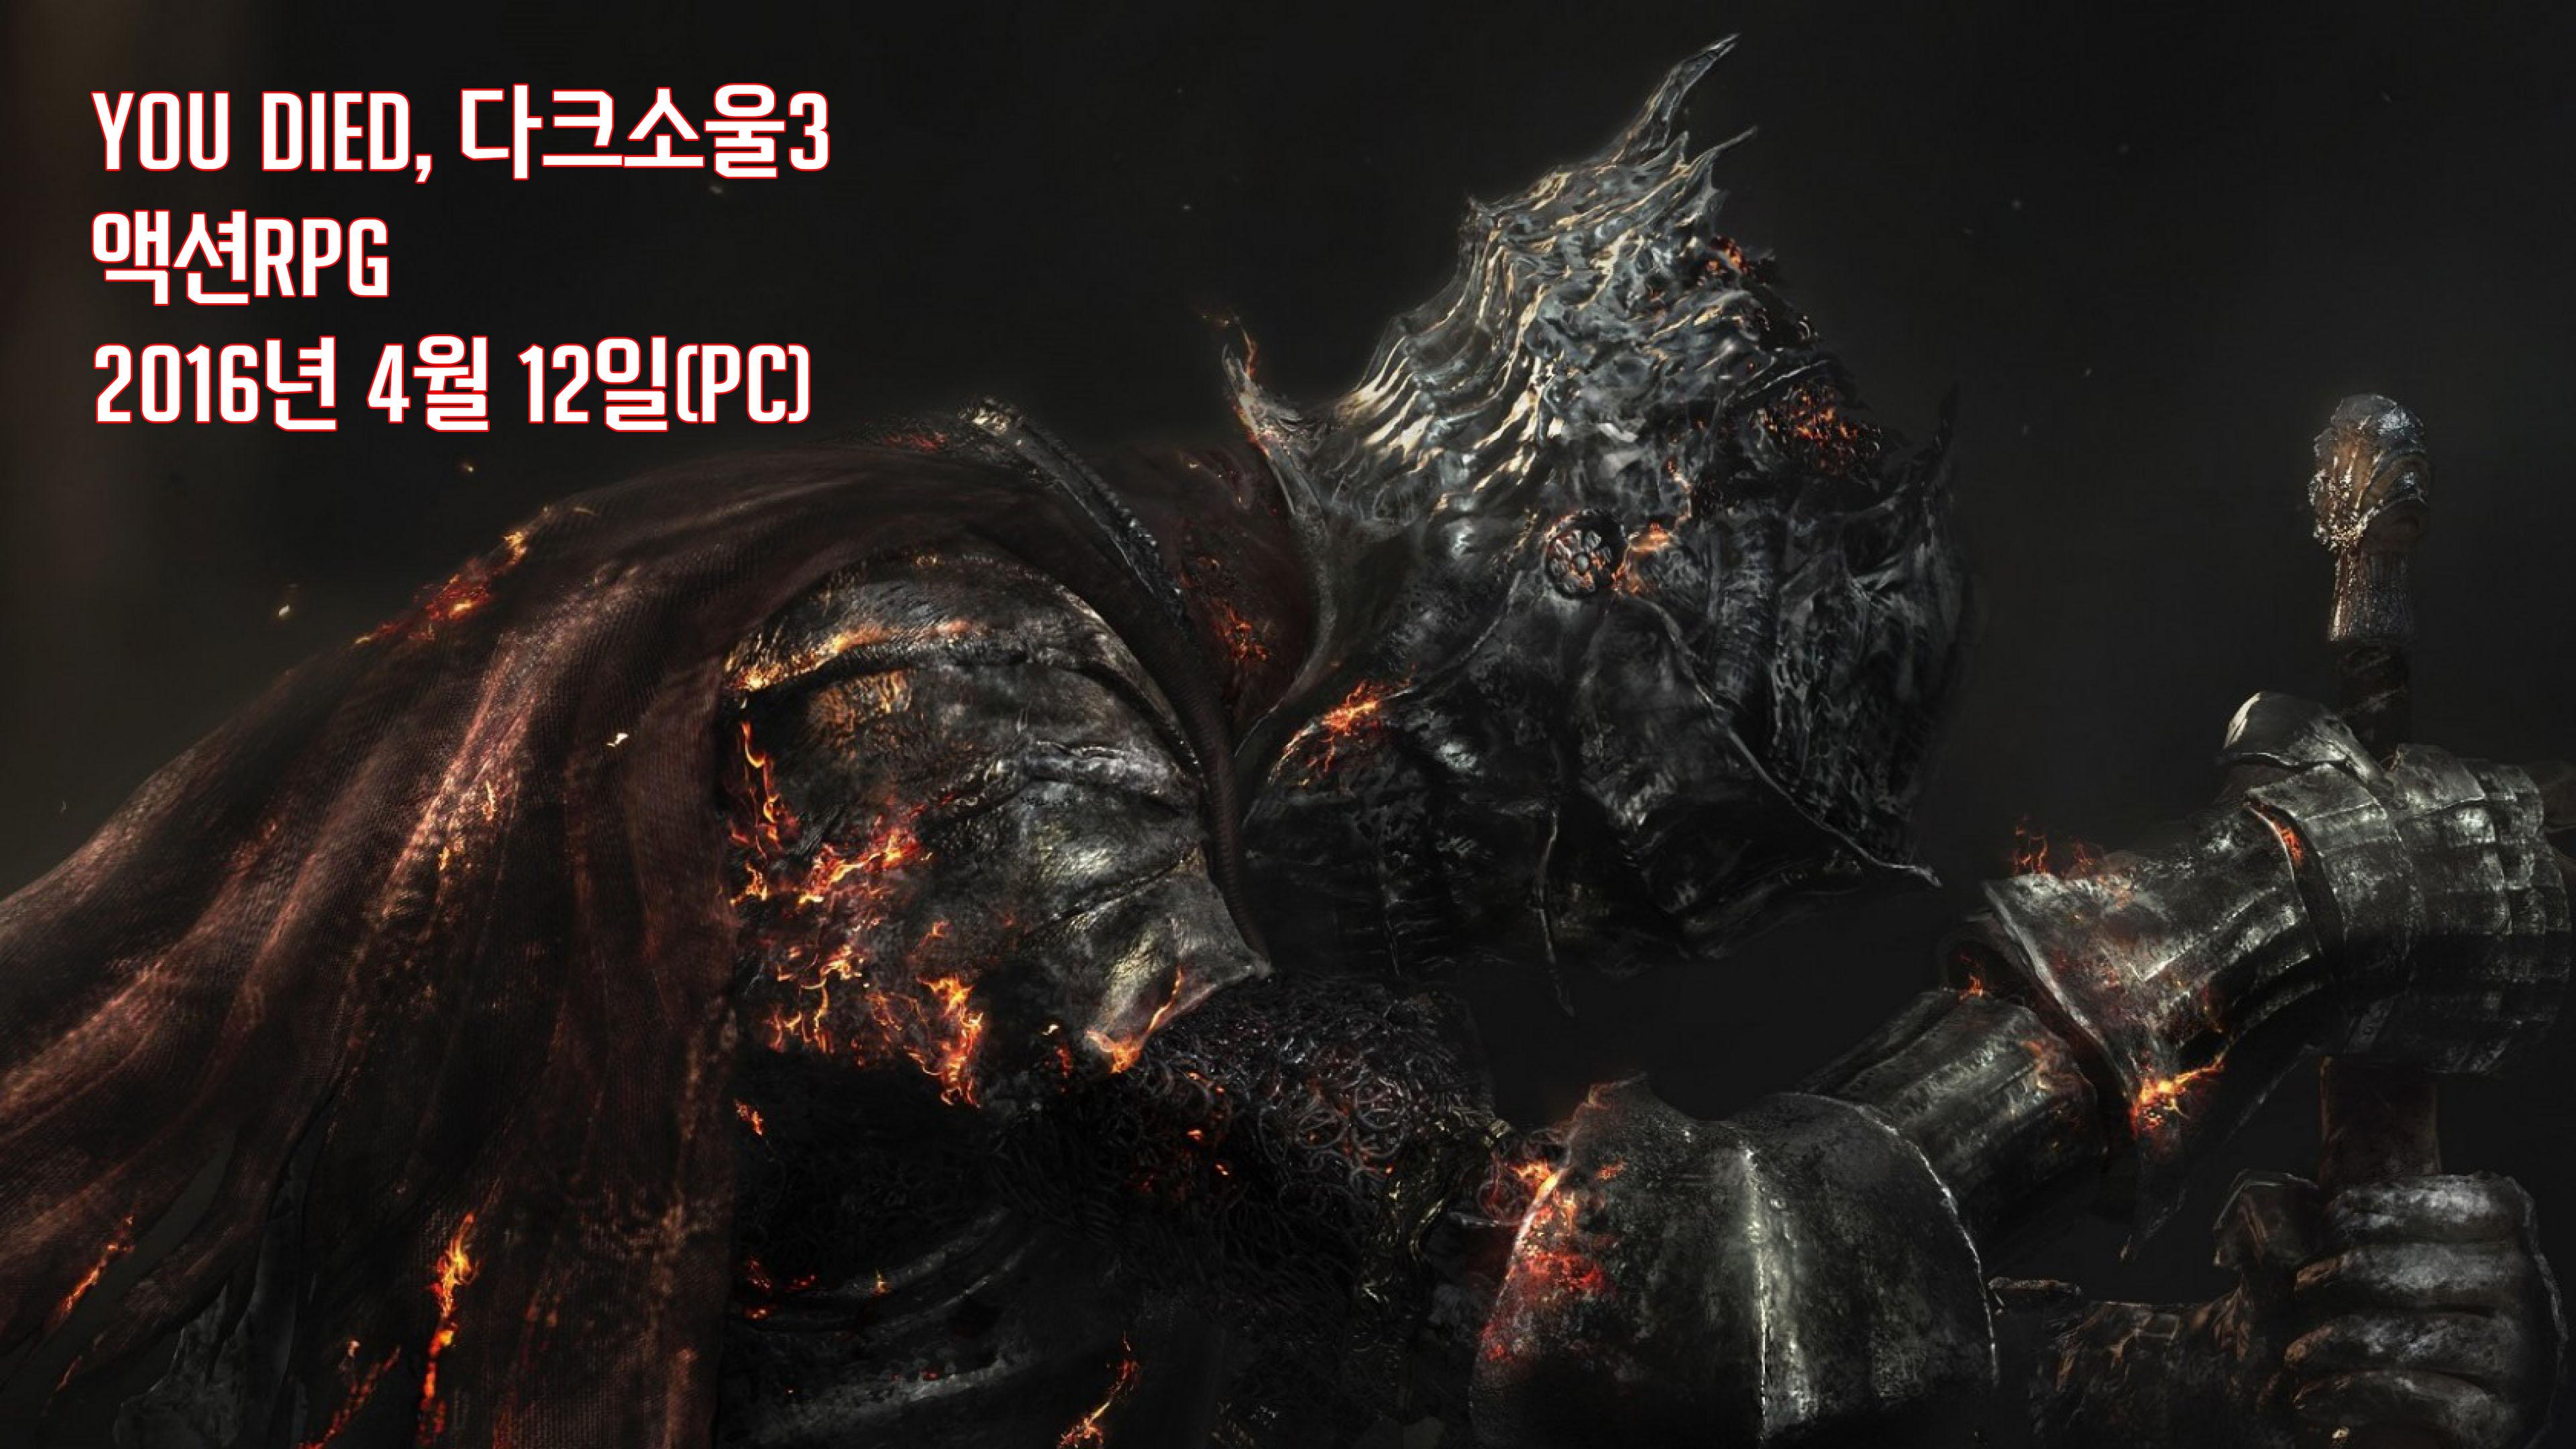 darksoul3.jpg